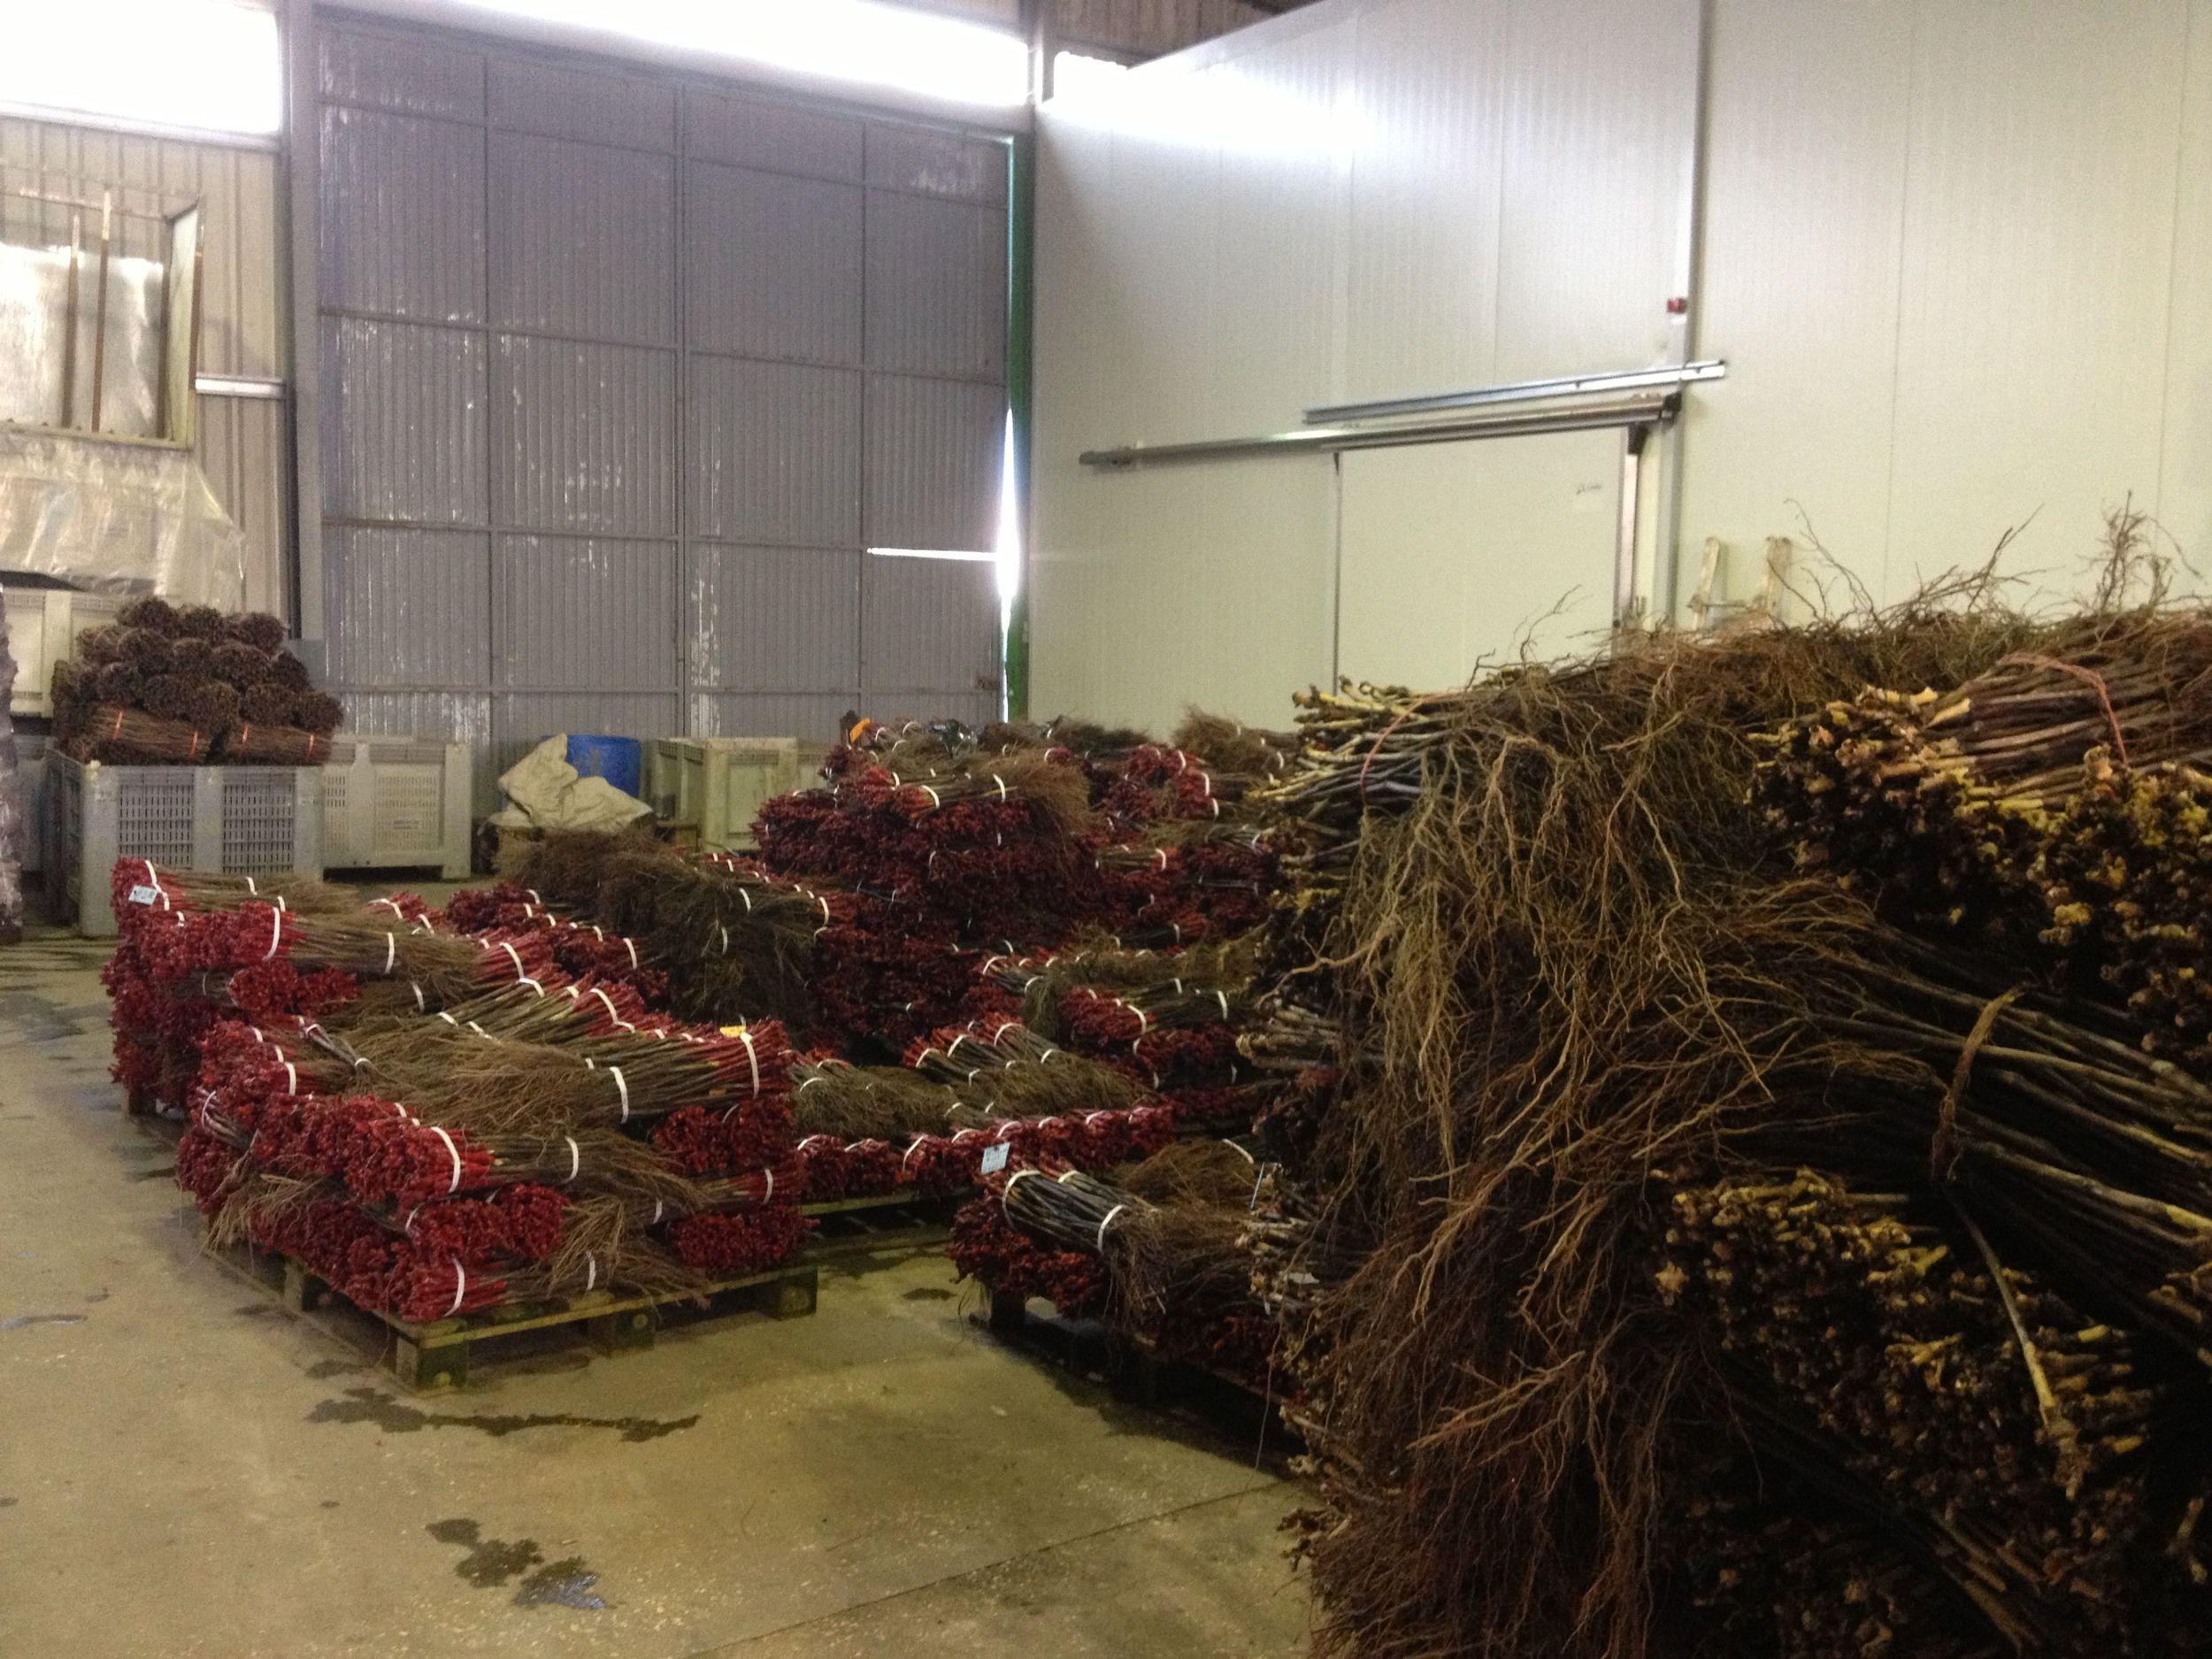 Espagne, Aielo de Malferit, stockage des plants greffés après arrachage, décembre 2013.jpg